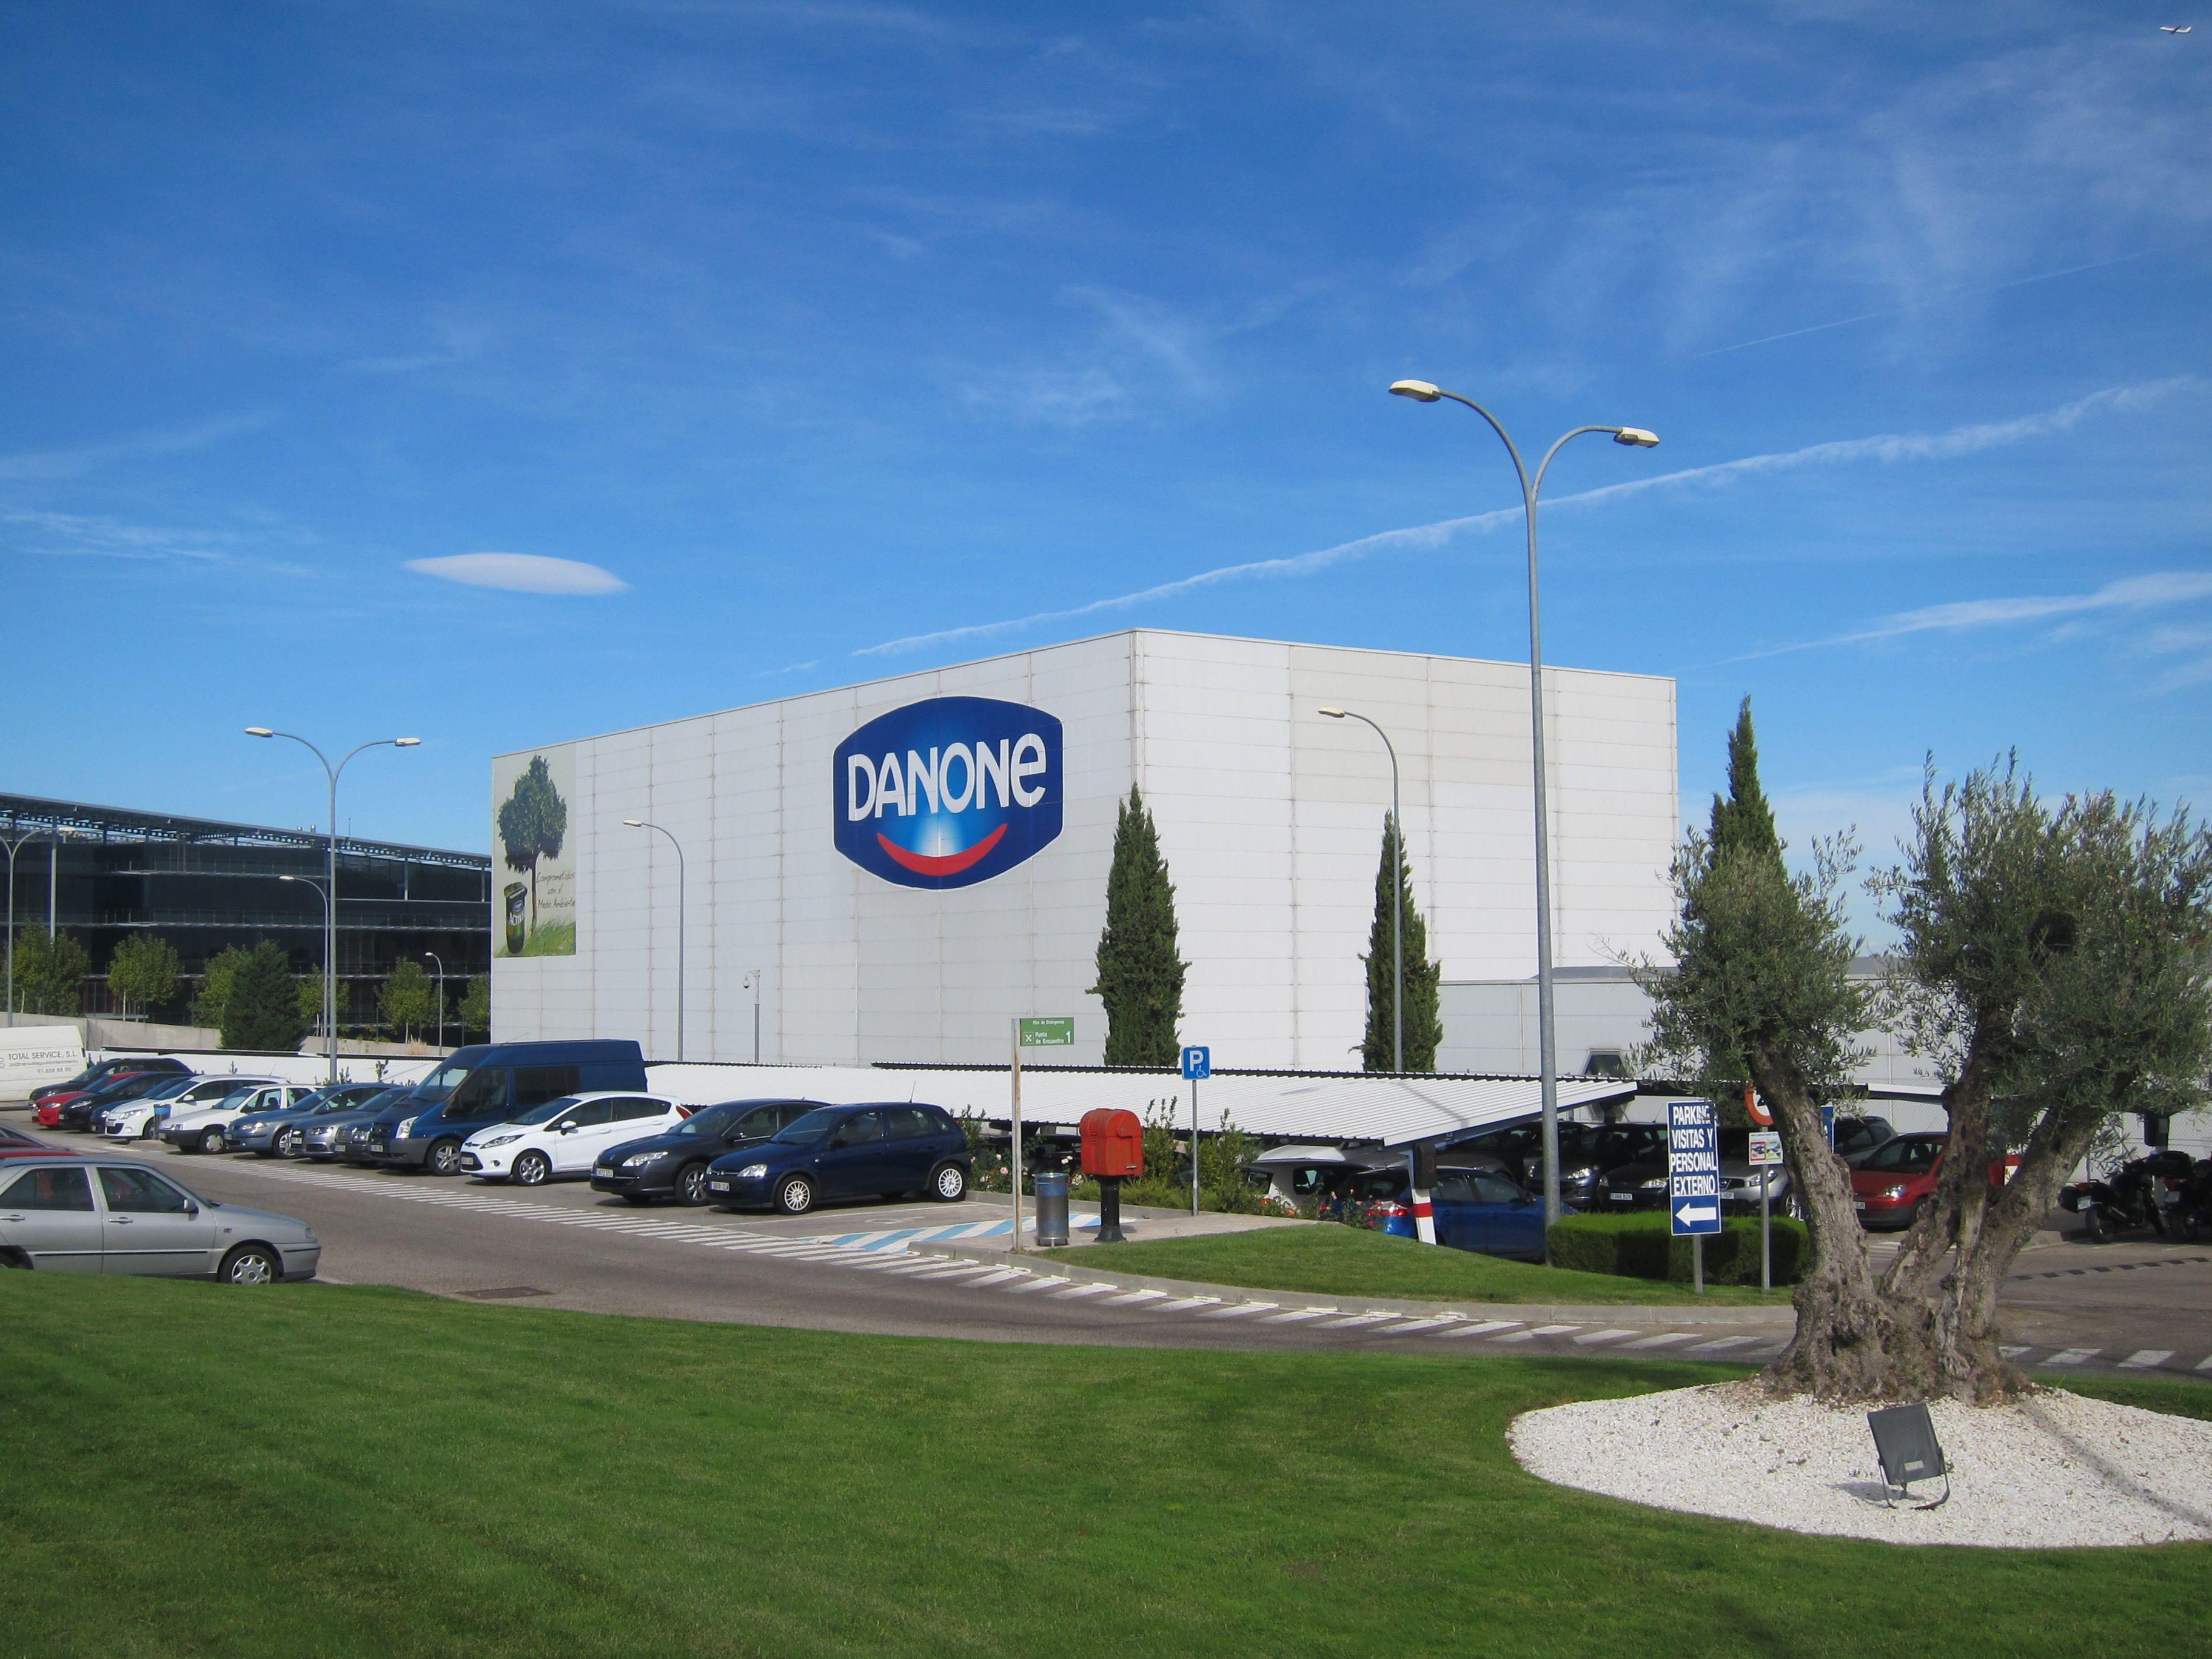 La francesa Danone puso en revisión sus negocios en el mercado argentino